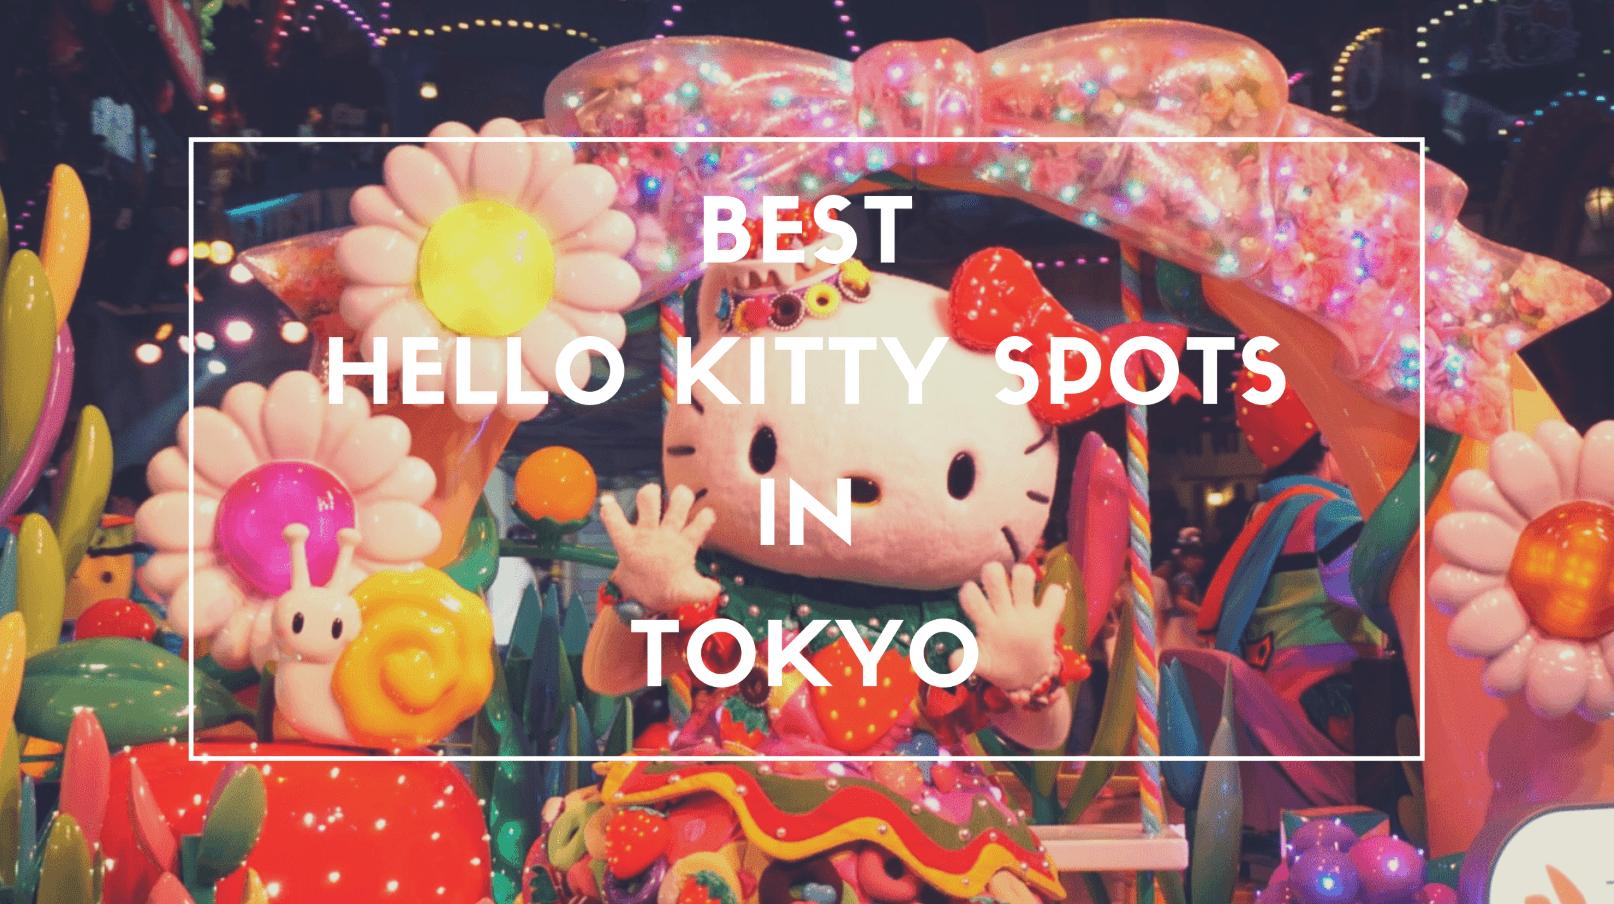 5 Best Hello Kitty Spots inTokyo 2020